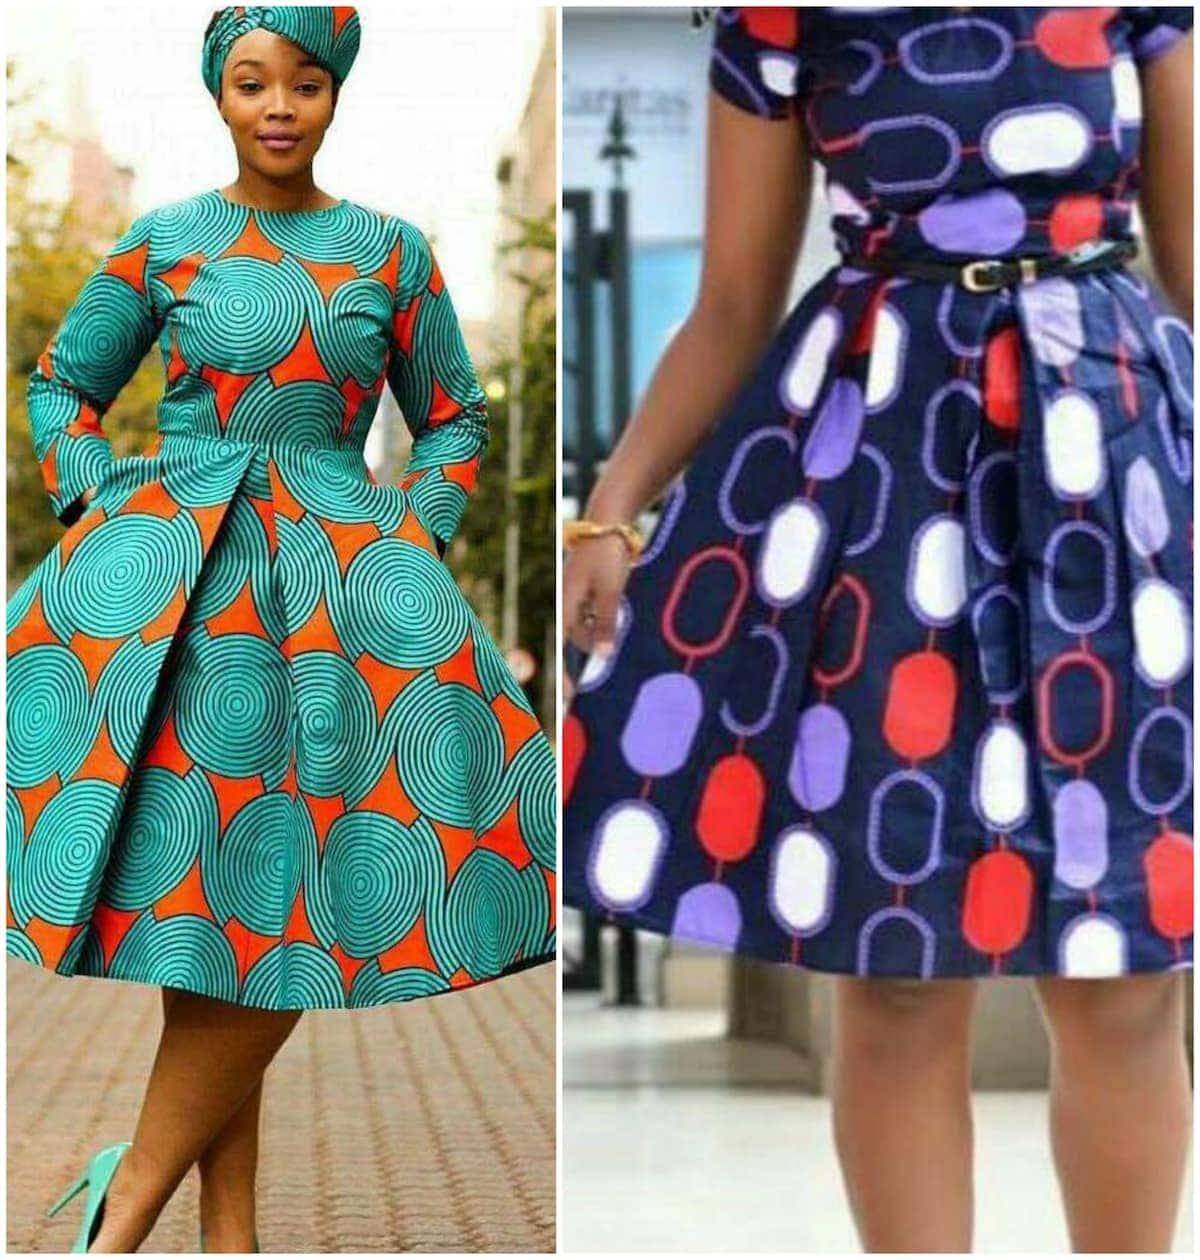 f09d64d14 Trending African dresses styles 2018 ▷ Tuko.co.ke